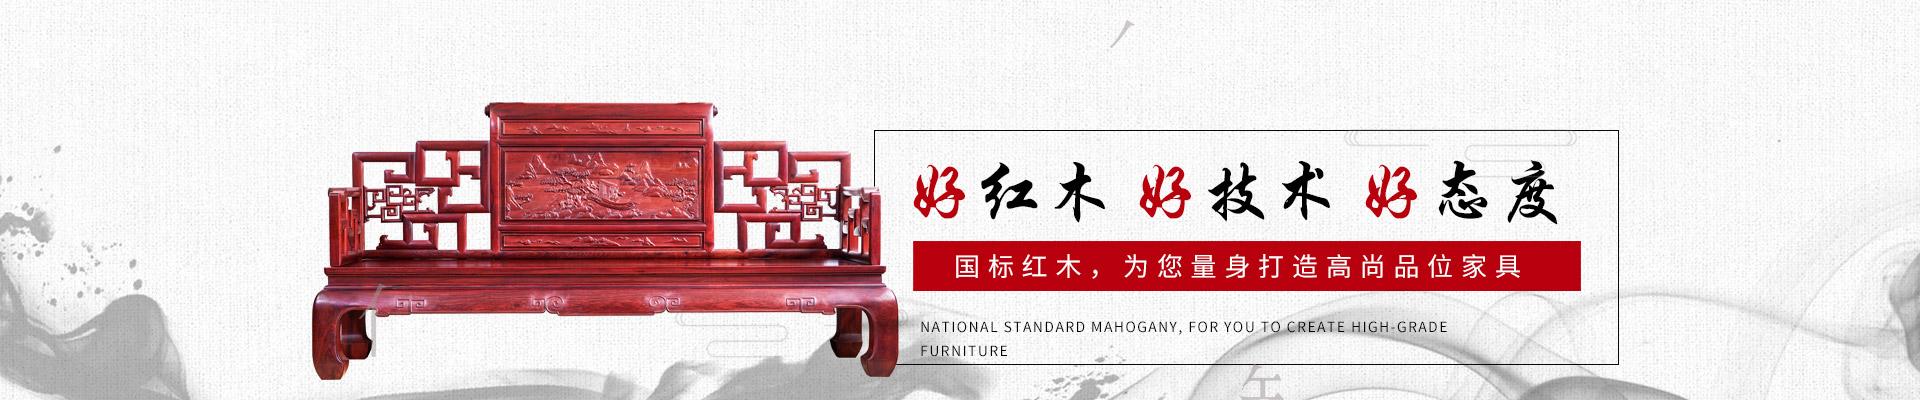 国标红木,楠荞红为您量身打造高尚品位家具